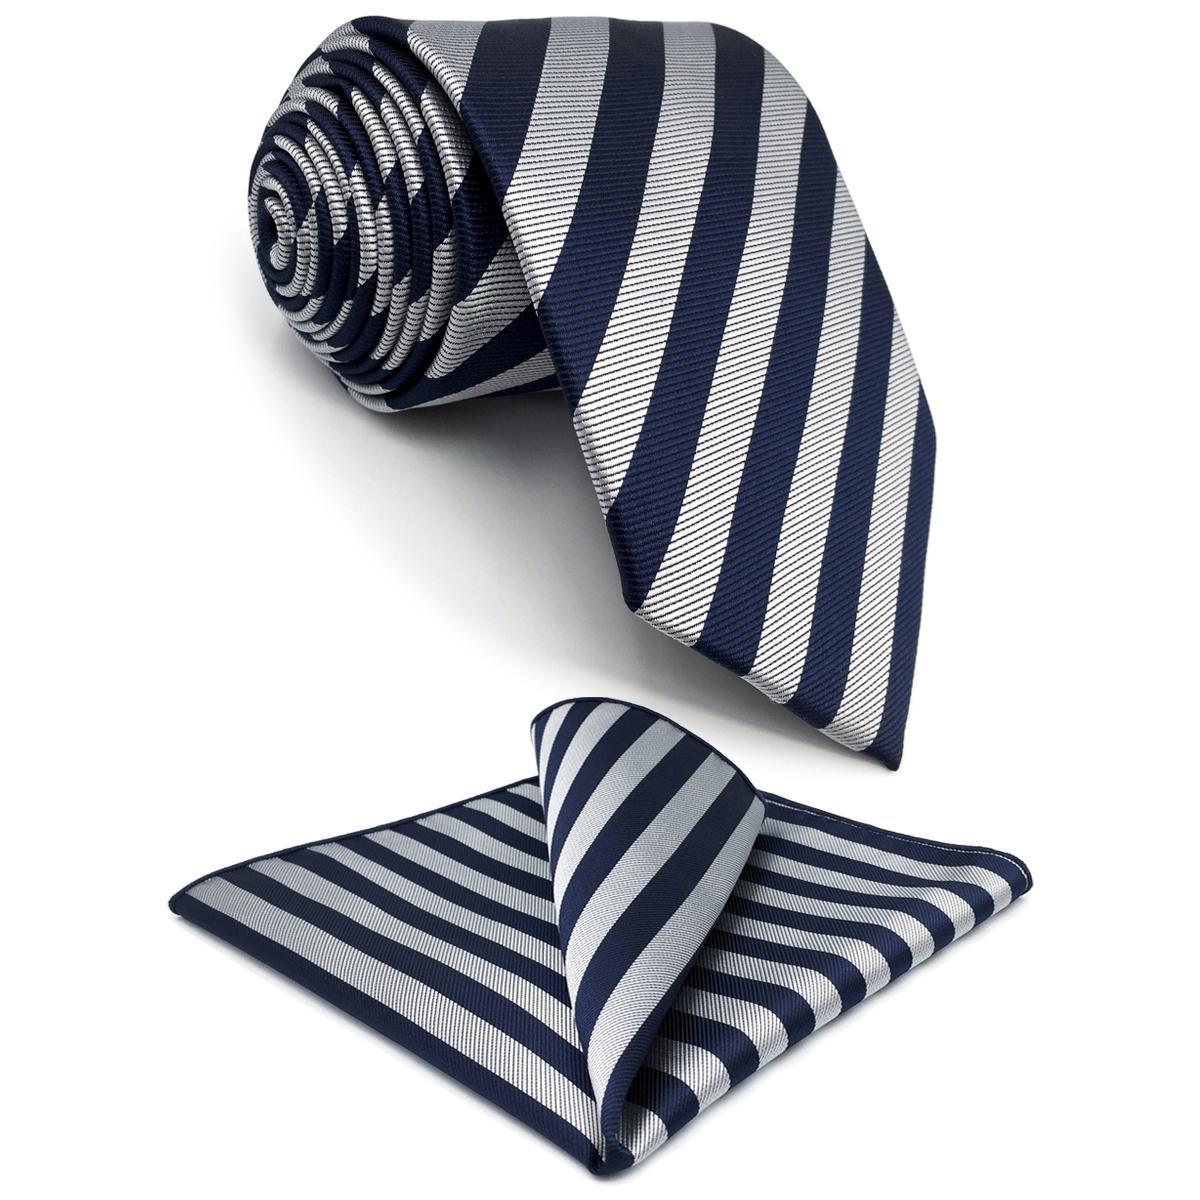 G09 회색 파란색 스트라이프 맨 넥타이 세트 실크 클래식 패션 넥타이 남자 선물 패션 Hanky 여분의 긴 크기